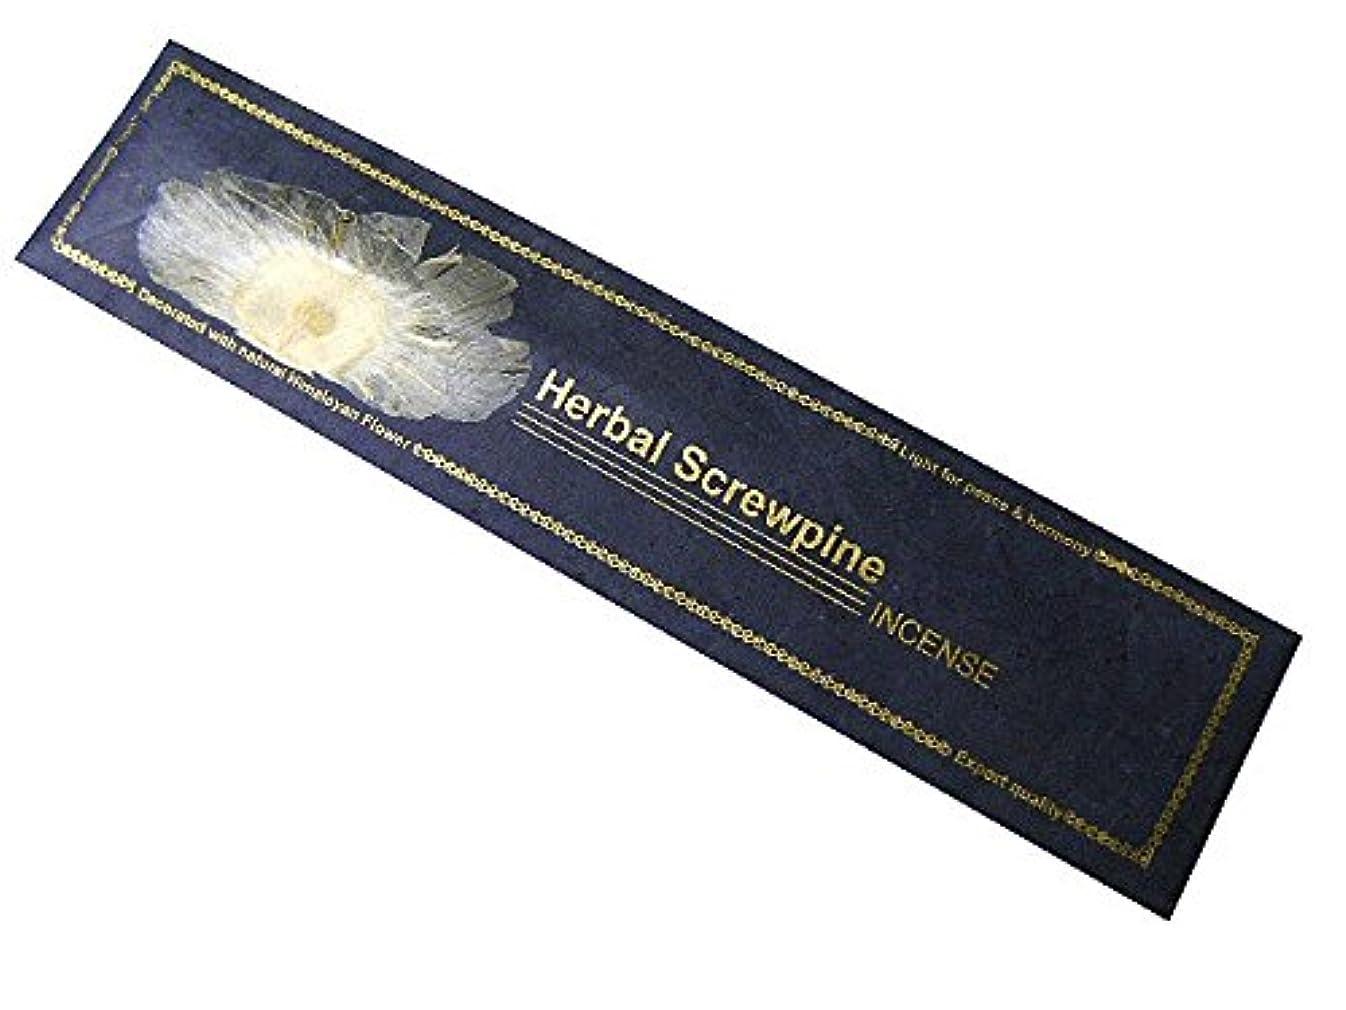 出版出版アクセスNEPAL INCENSE ネパールのロクタ紙にヒマラヤの押し花のお香【HerbalScrewpineハーバルスクリューパイン】 スティック